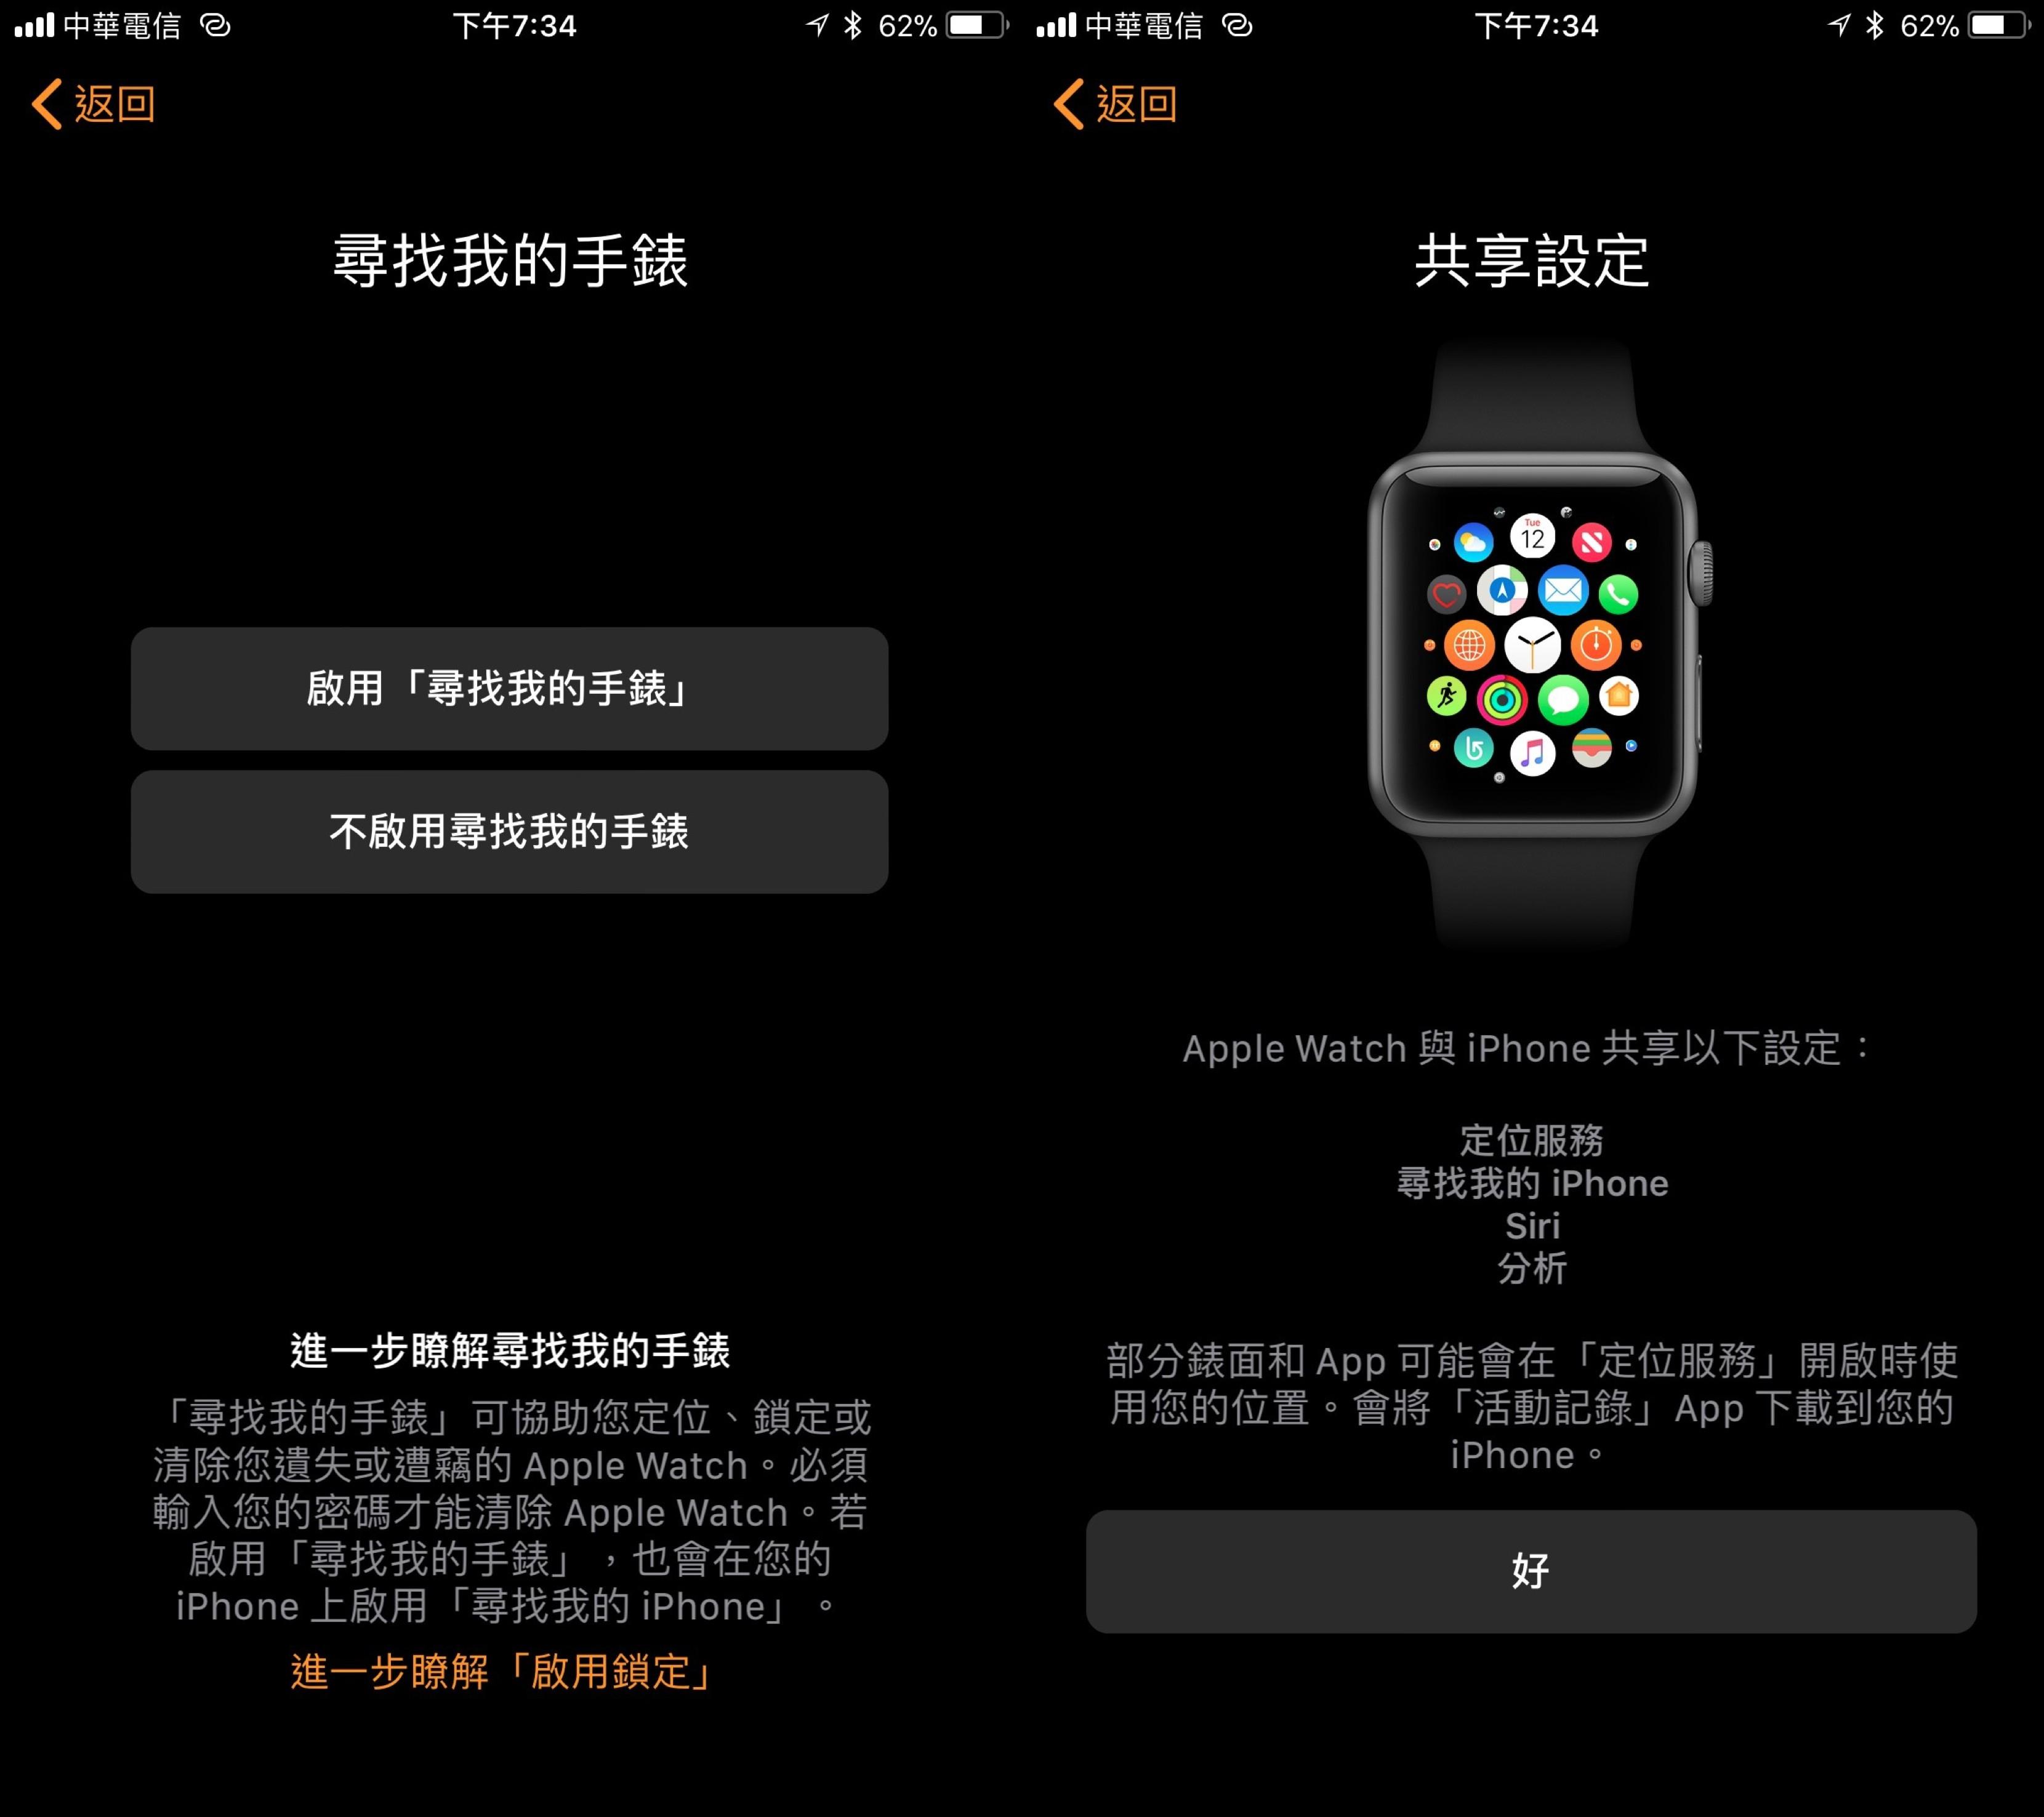 將 Apple Watch 與 iPhone 配對 4